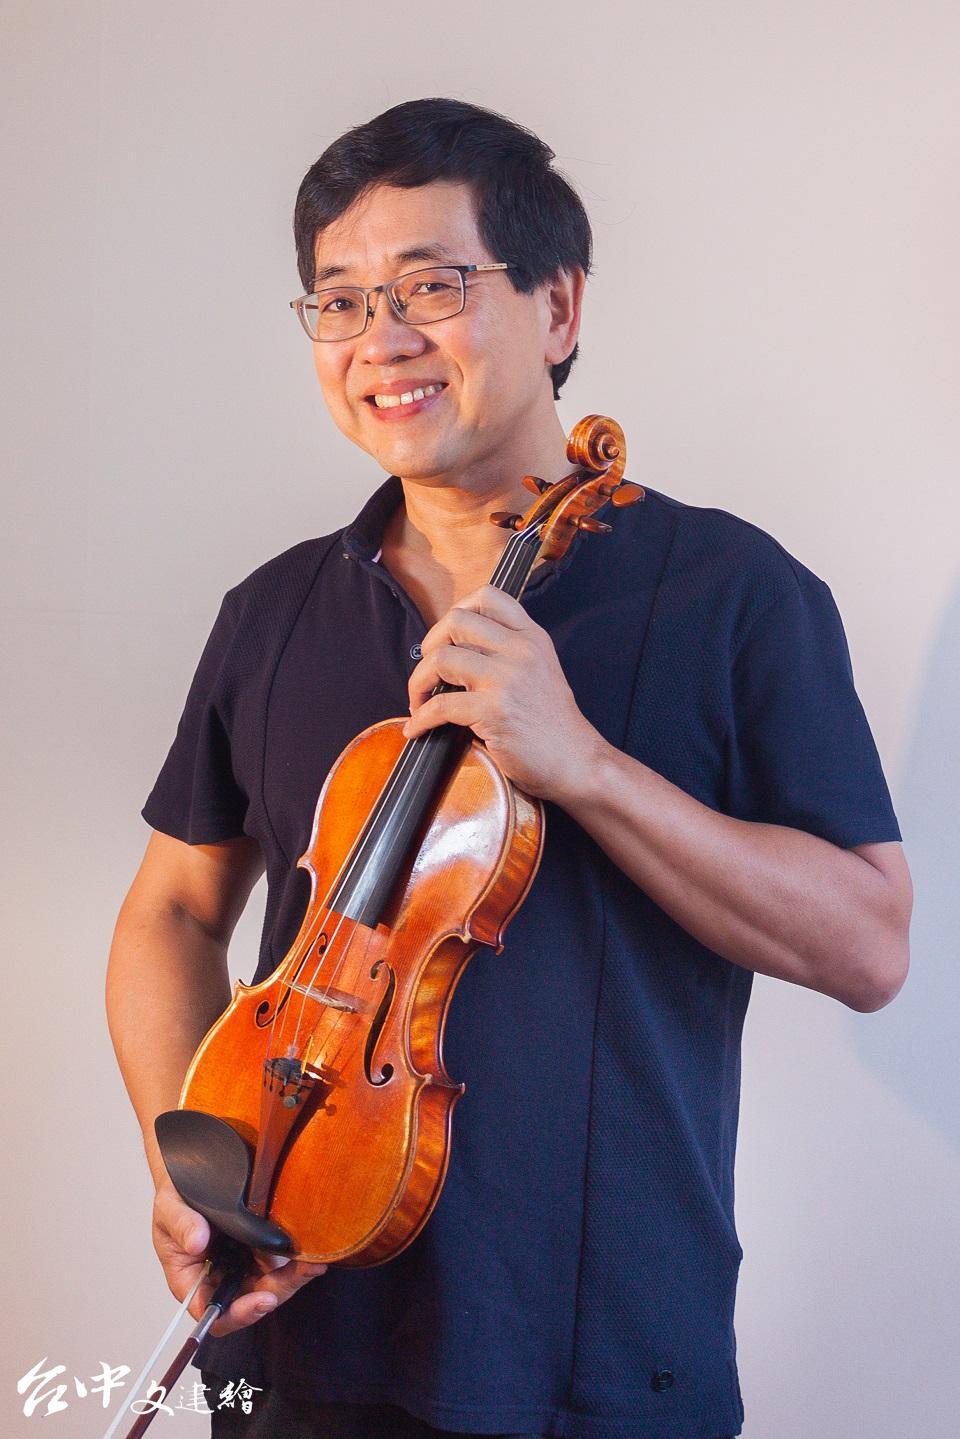 旅美小提琴家兼指揮家辛明峰(圖:國台交)